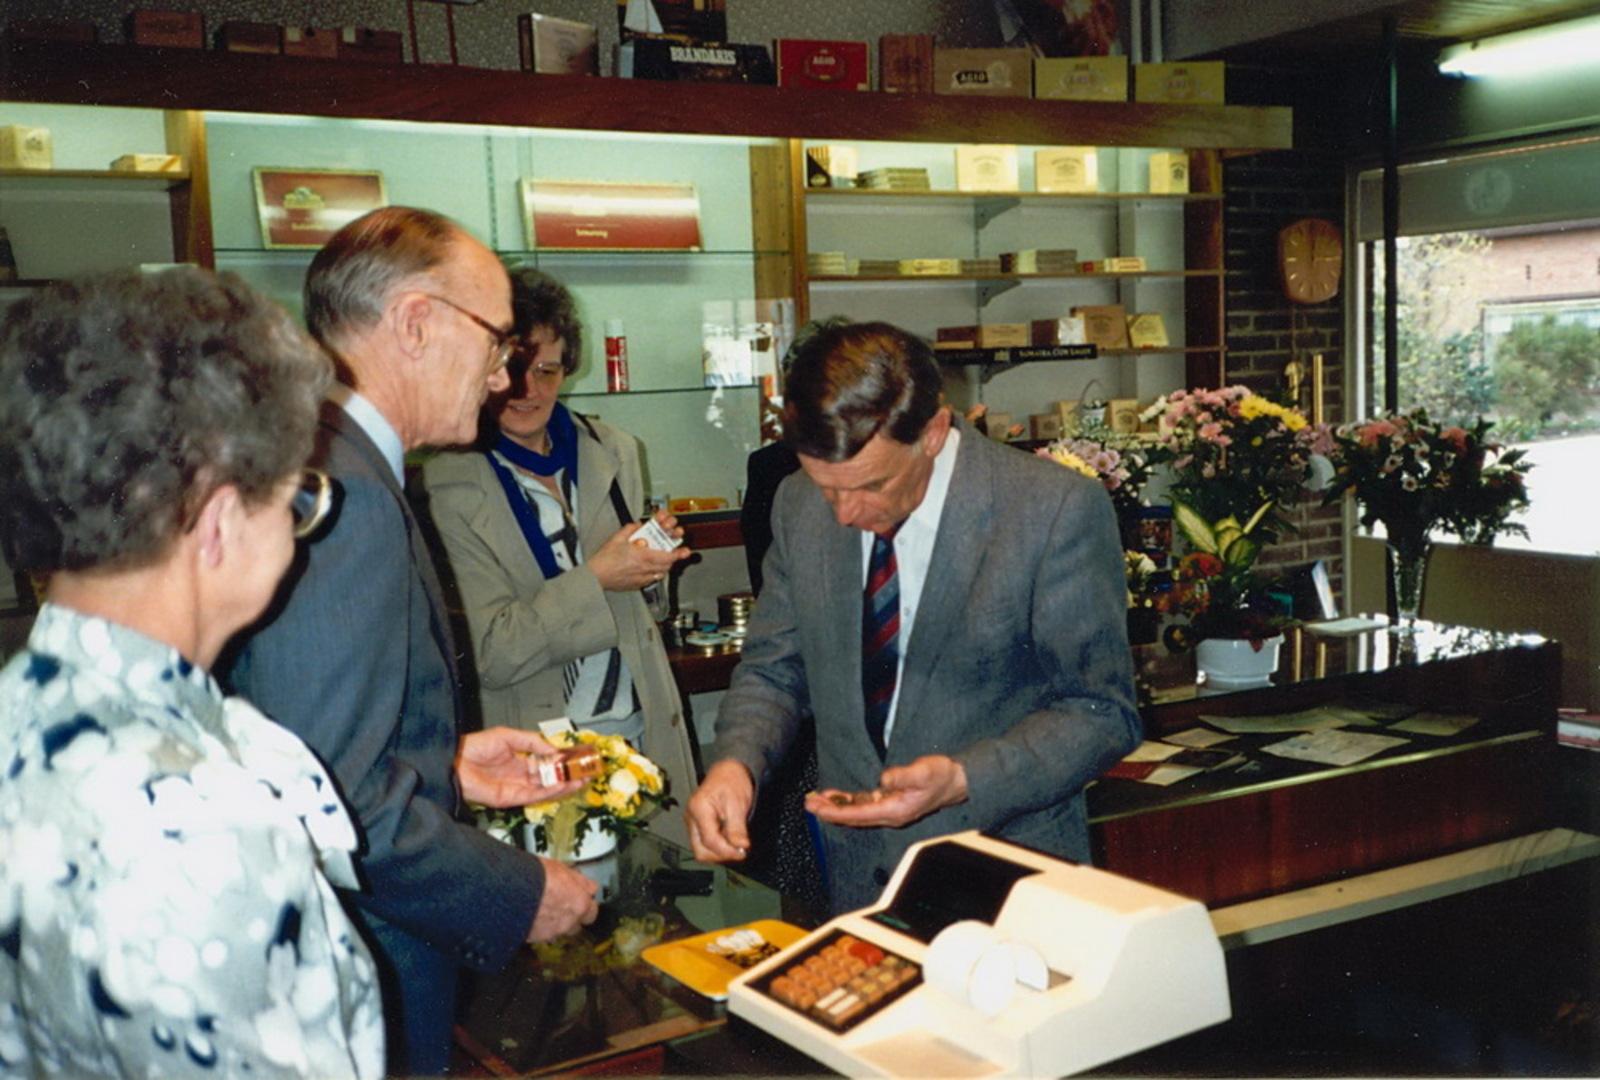 Marktlaan O 0022 1988 Sigarenboer Kraak 50jr Jub en Sluiting 27